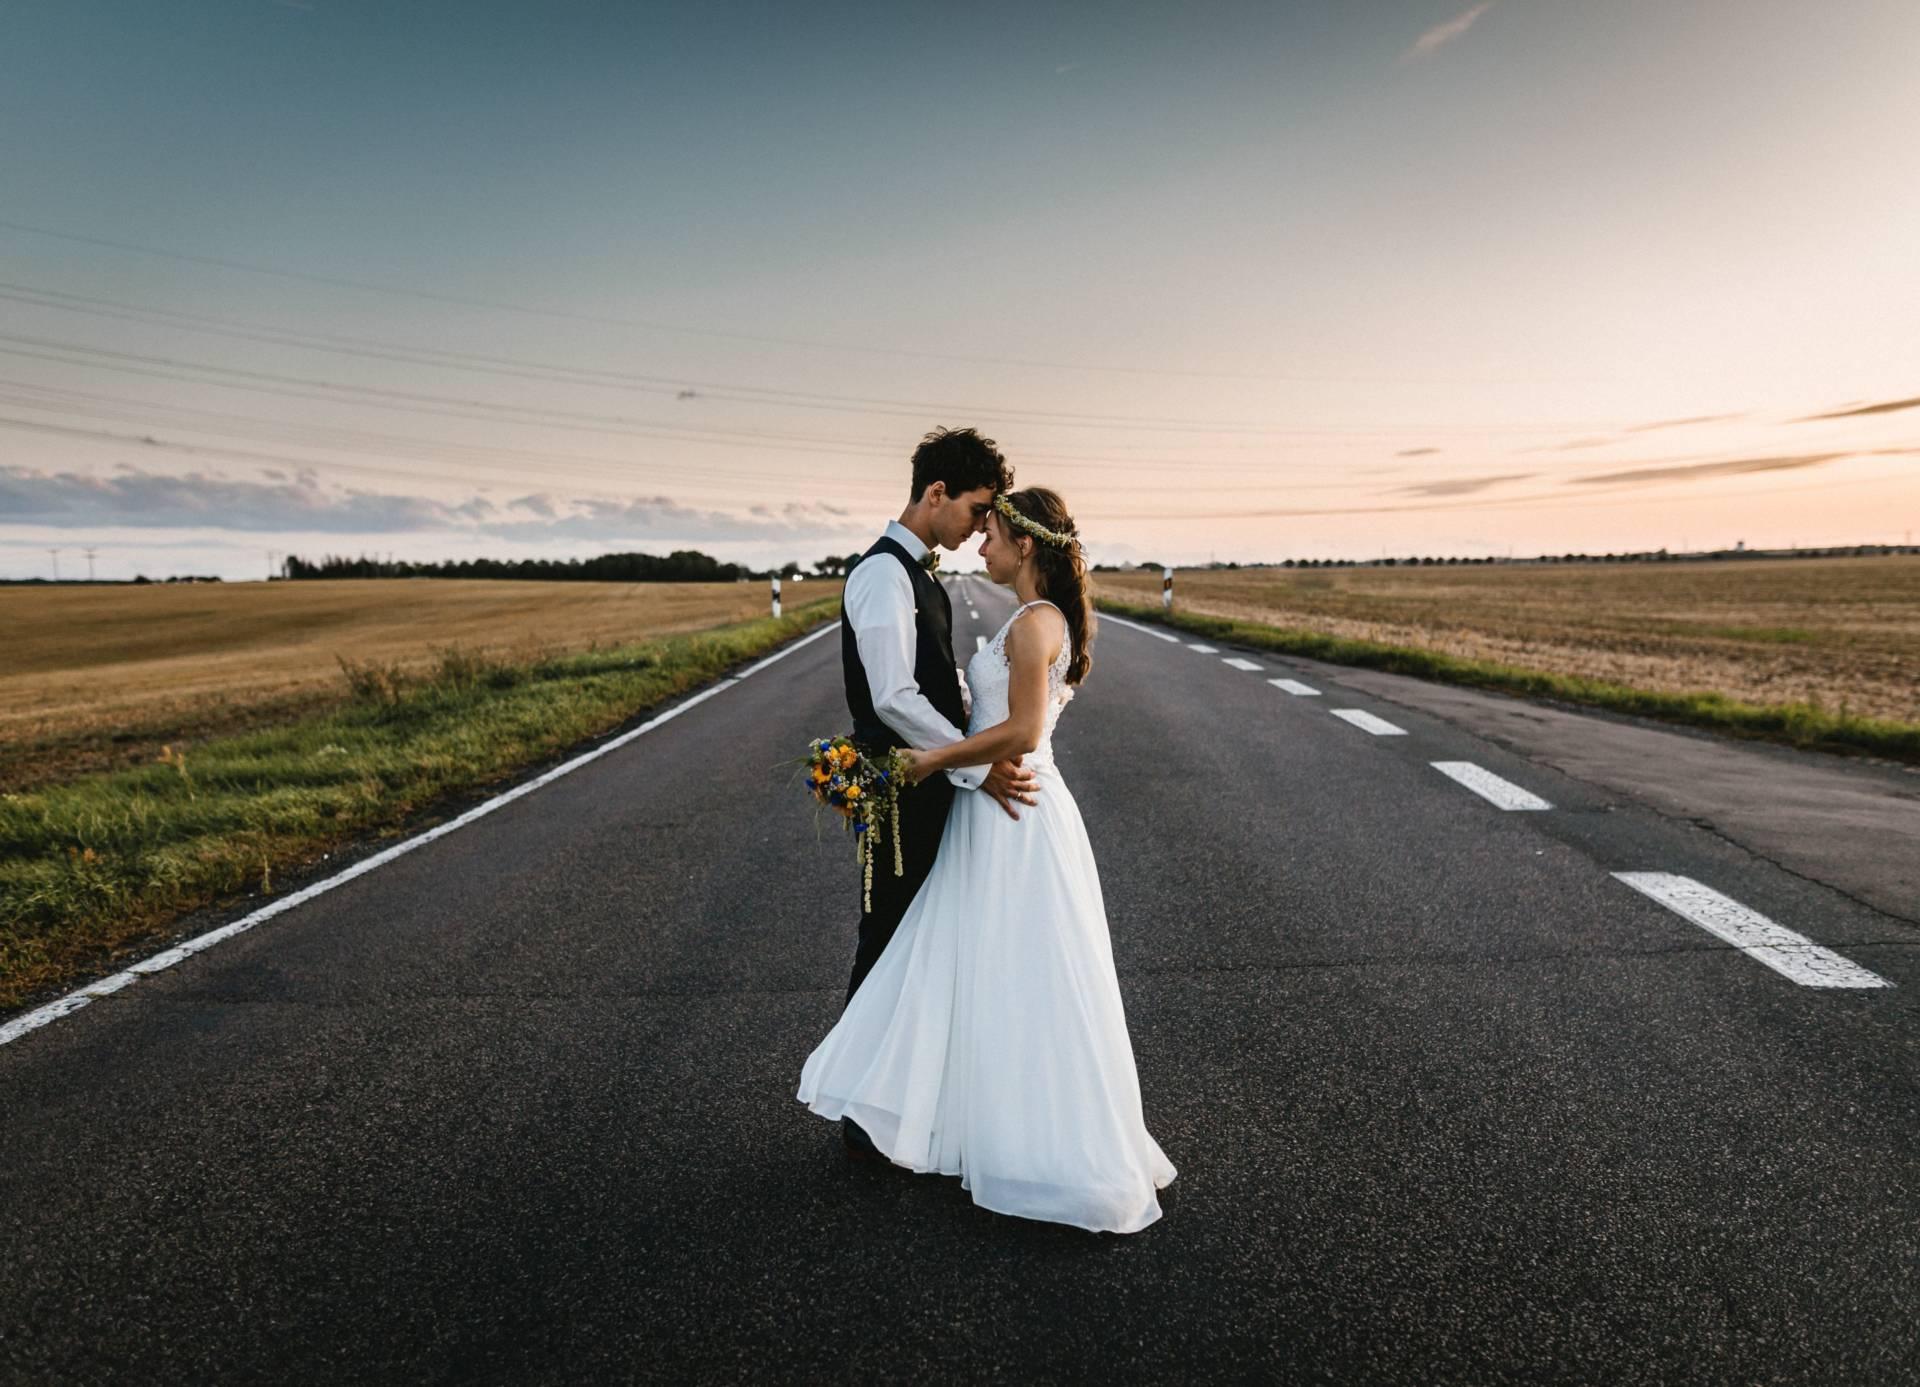 50mmfreunde Hochzeit TeteLukas Preview 28 1920x1387 - ehrliche und authentische Hochzeitsfotografie